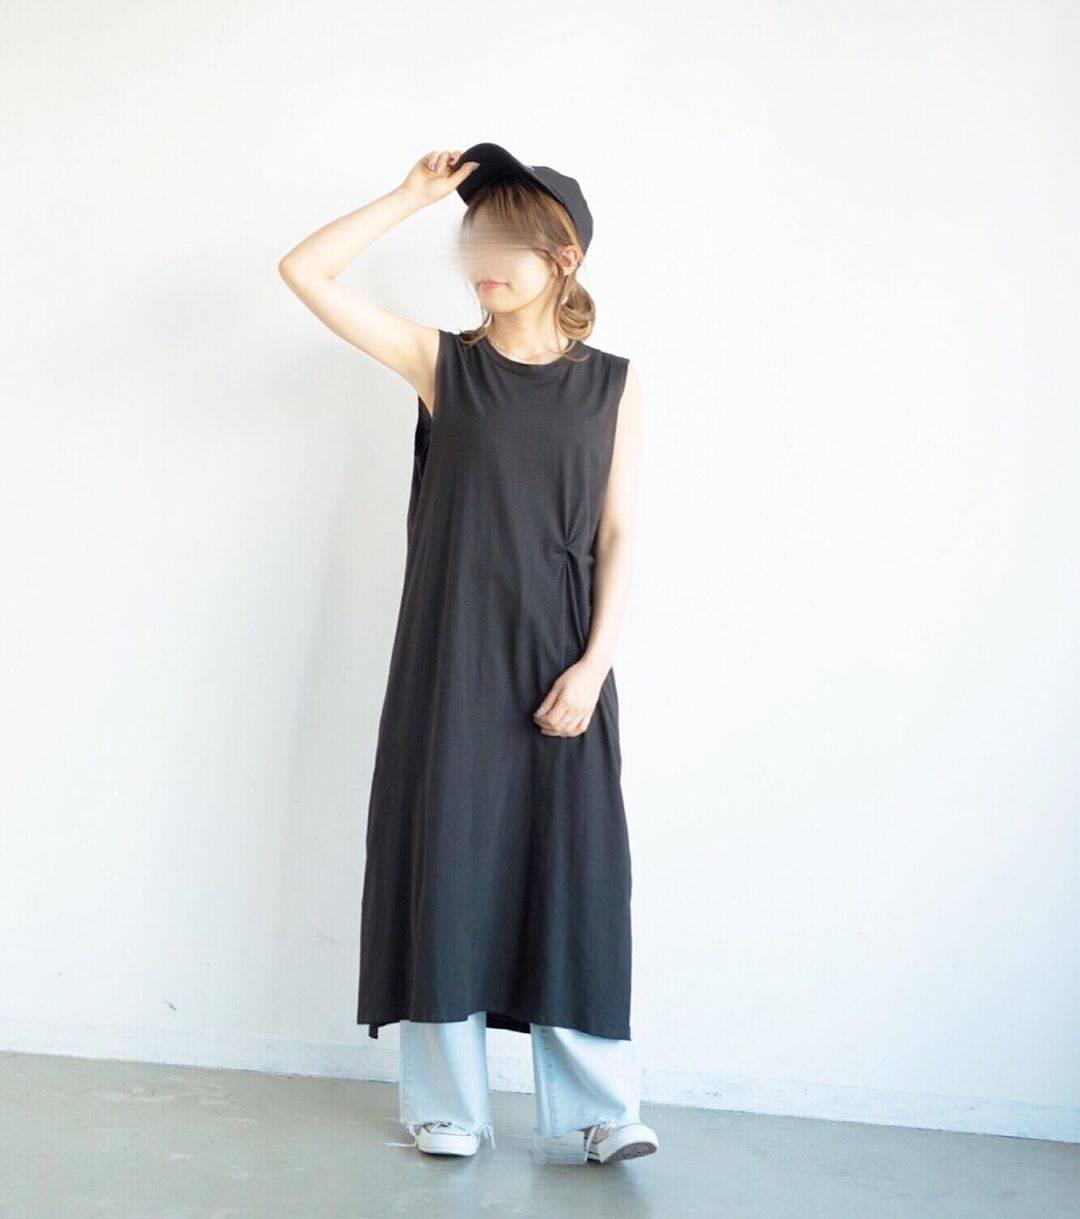 最高気温32度・最低気温25度 tmr_wearの服装